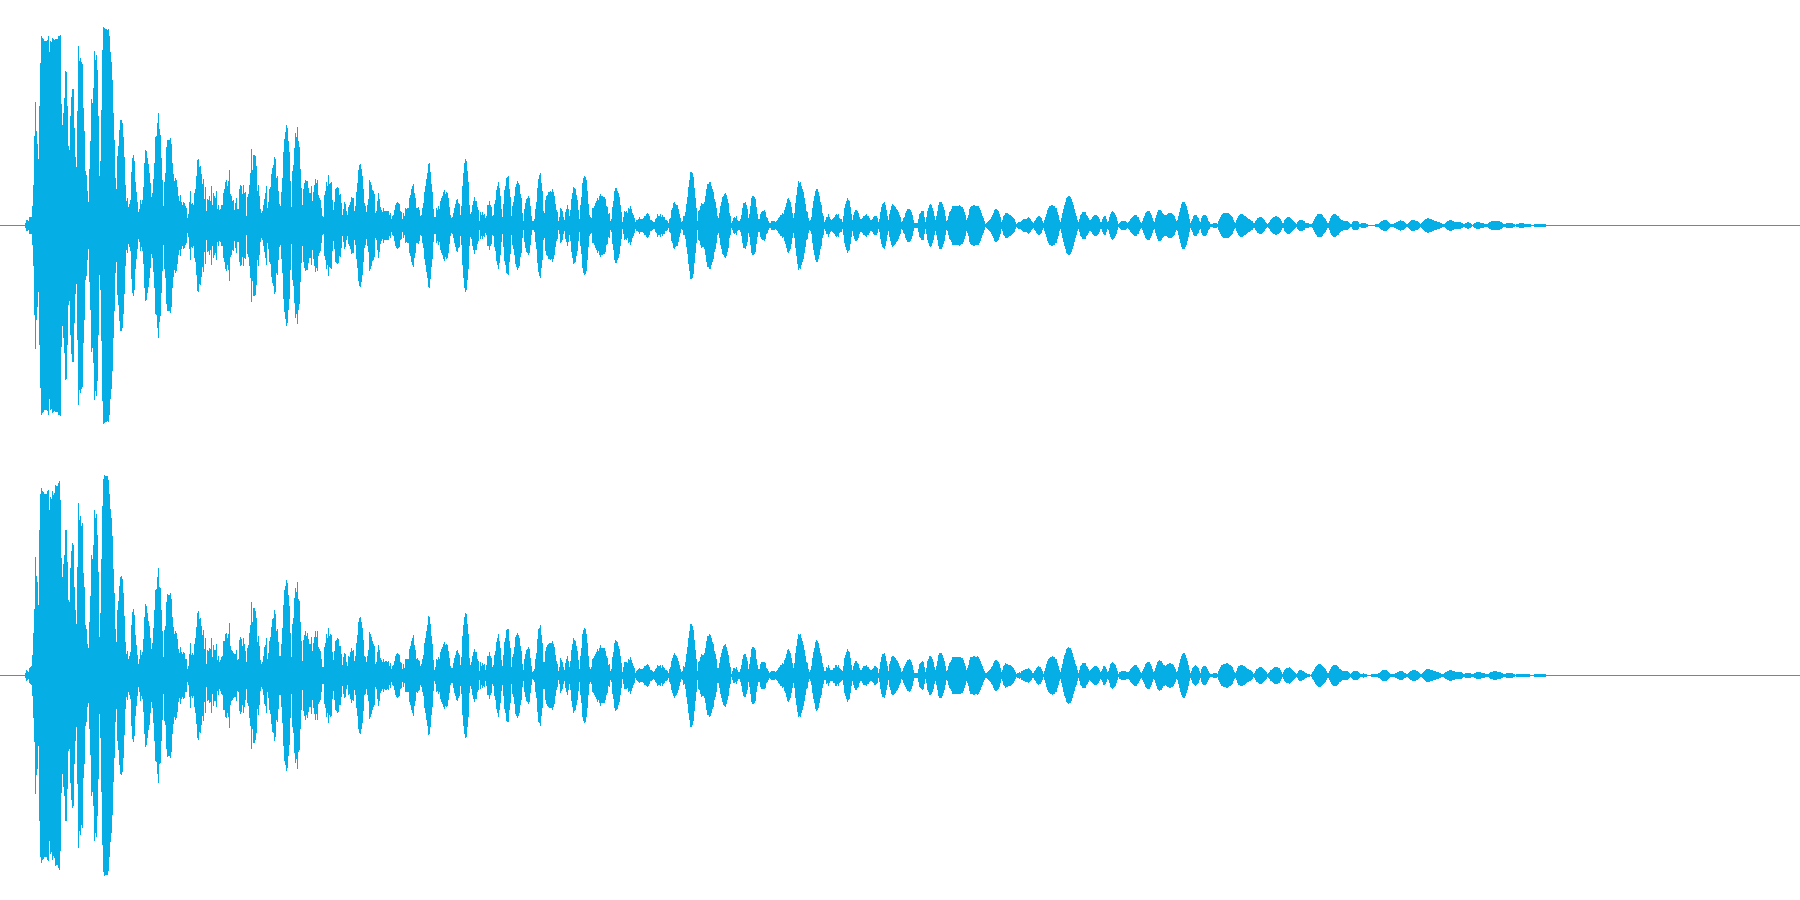 バン(高めのバスドラムの音)の再生済みの波形